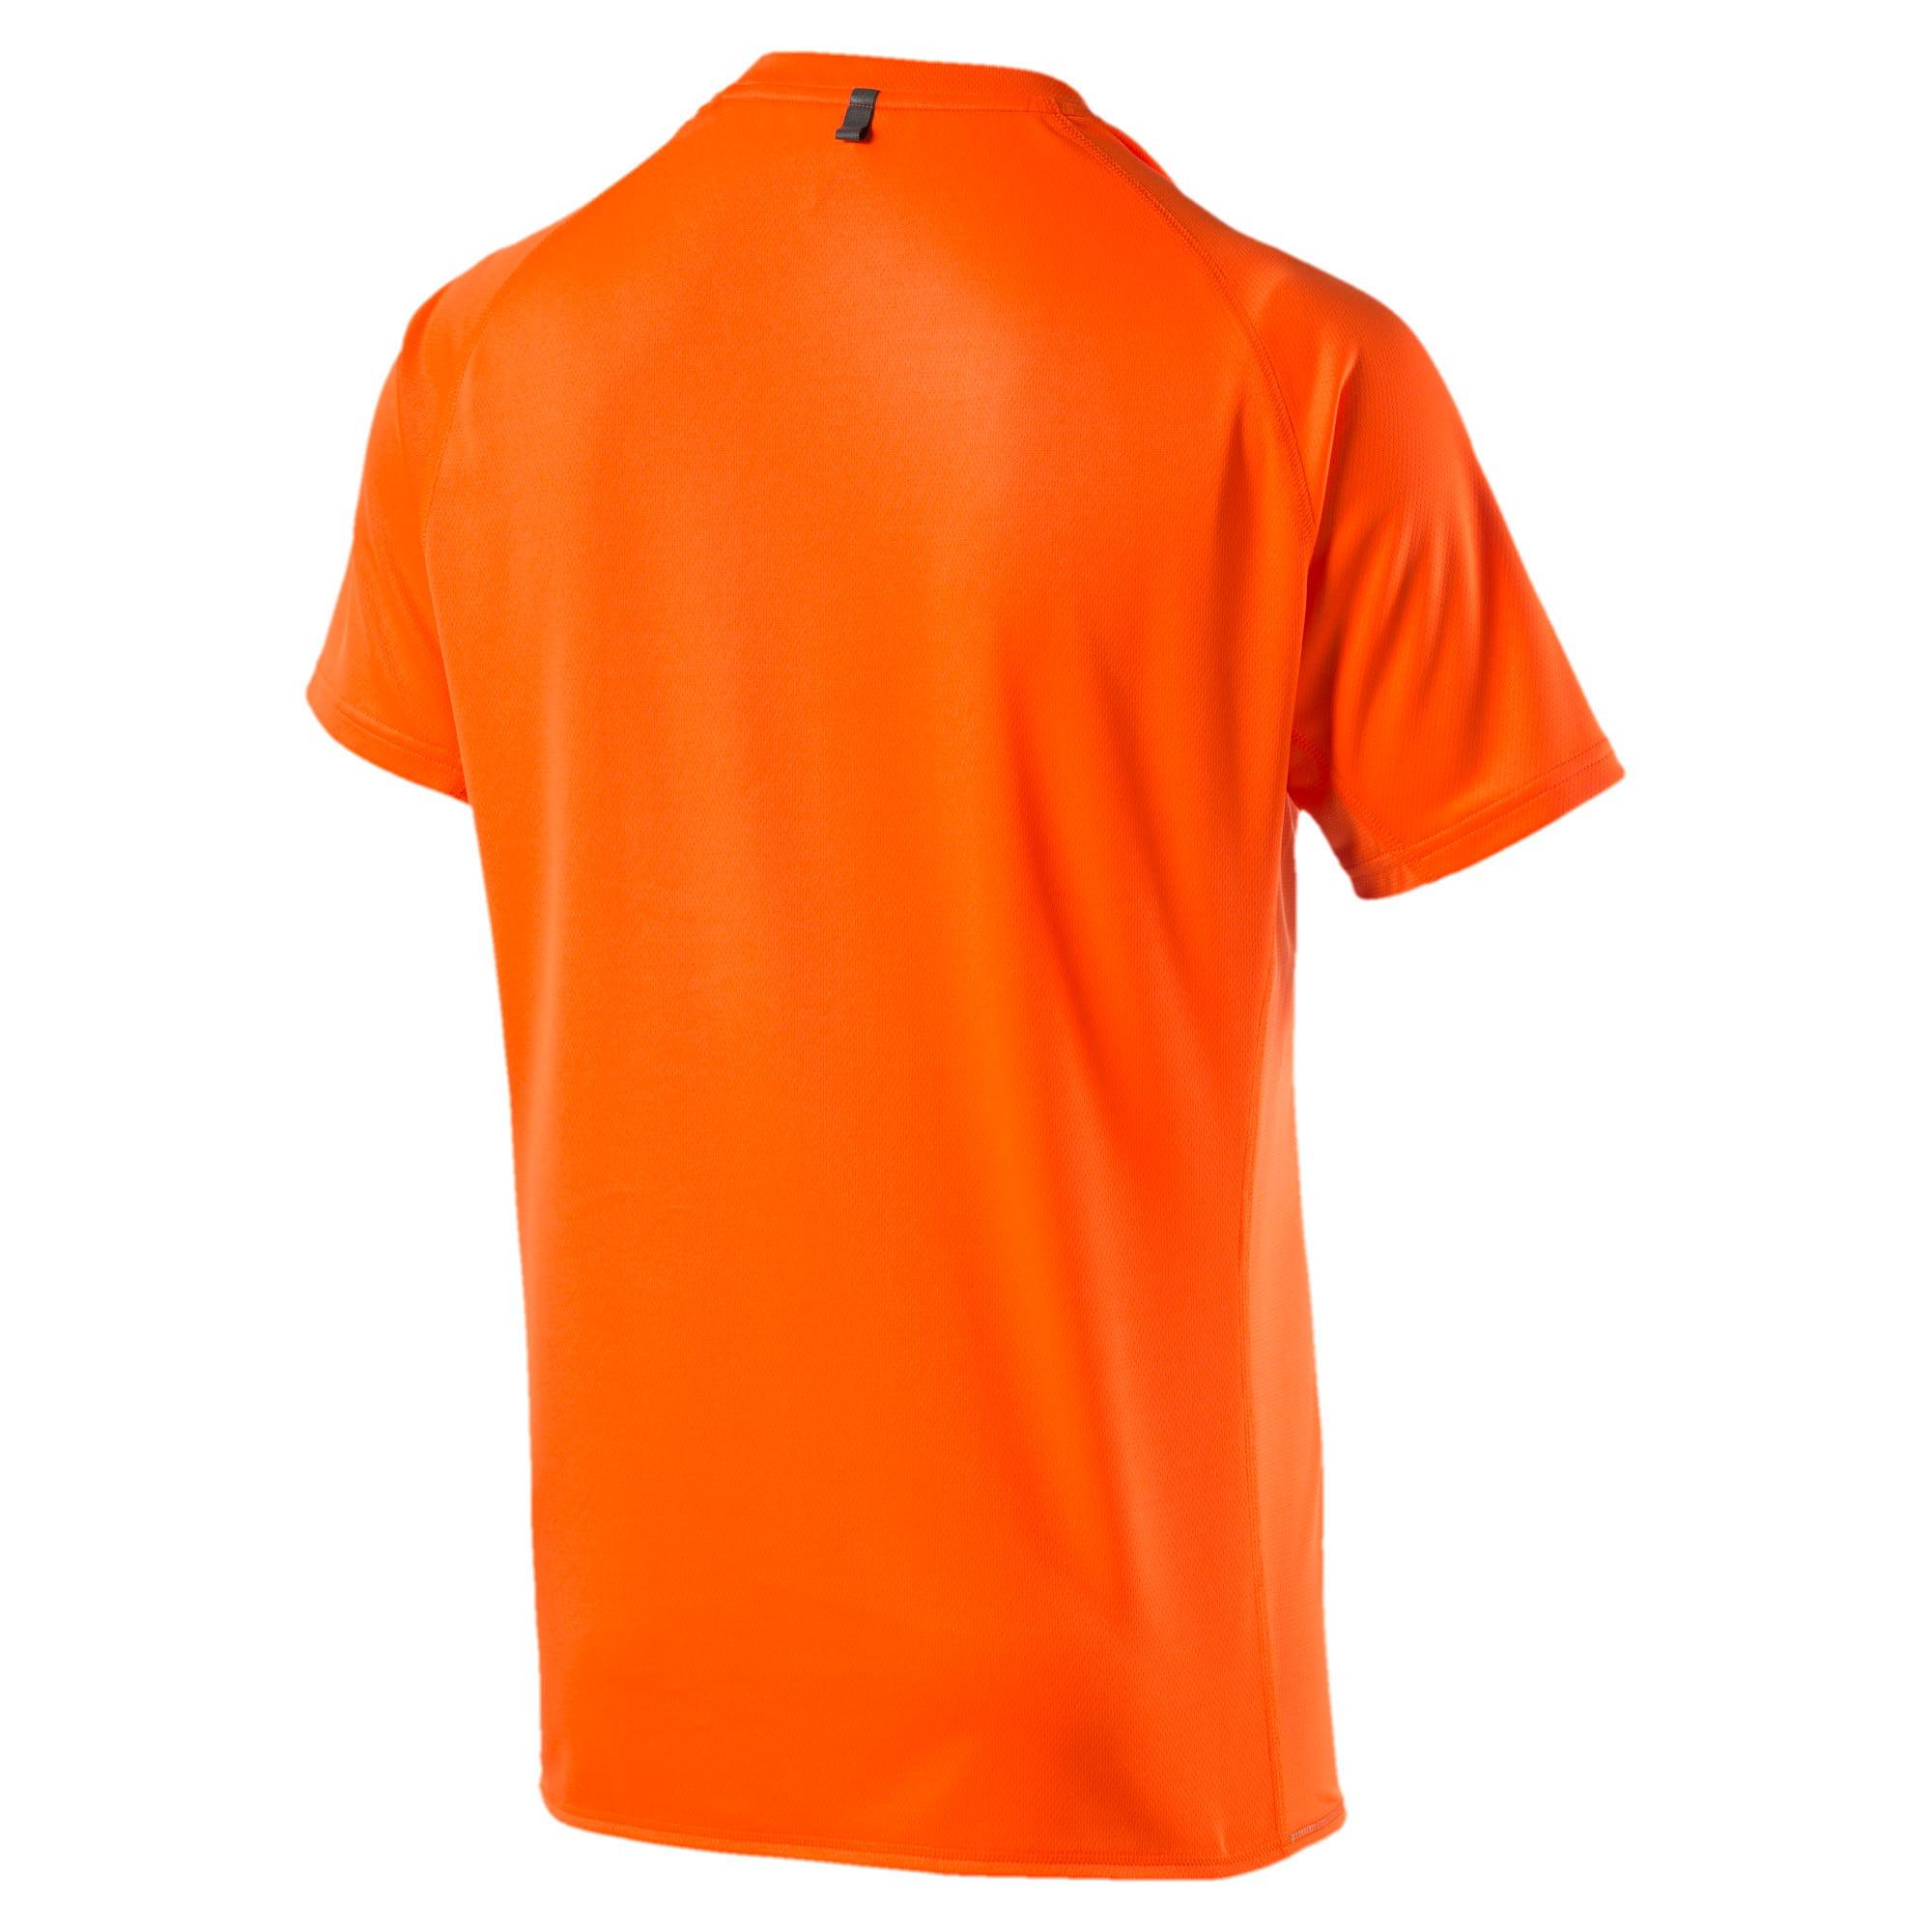 Thumbnail 5 of Running Logo T-Shirt, Shocking Orange, medium-IND